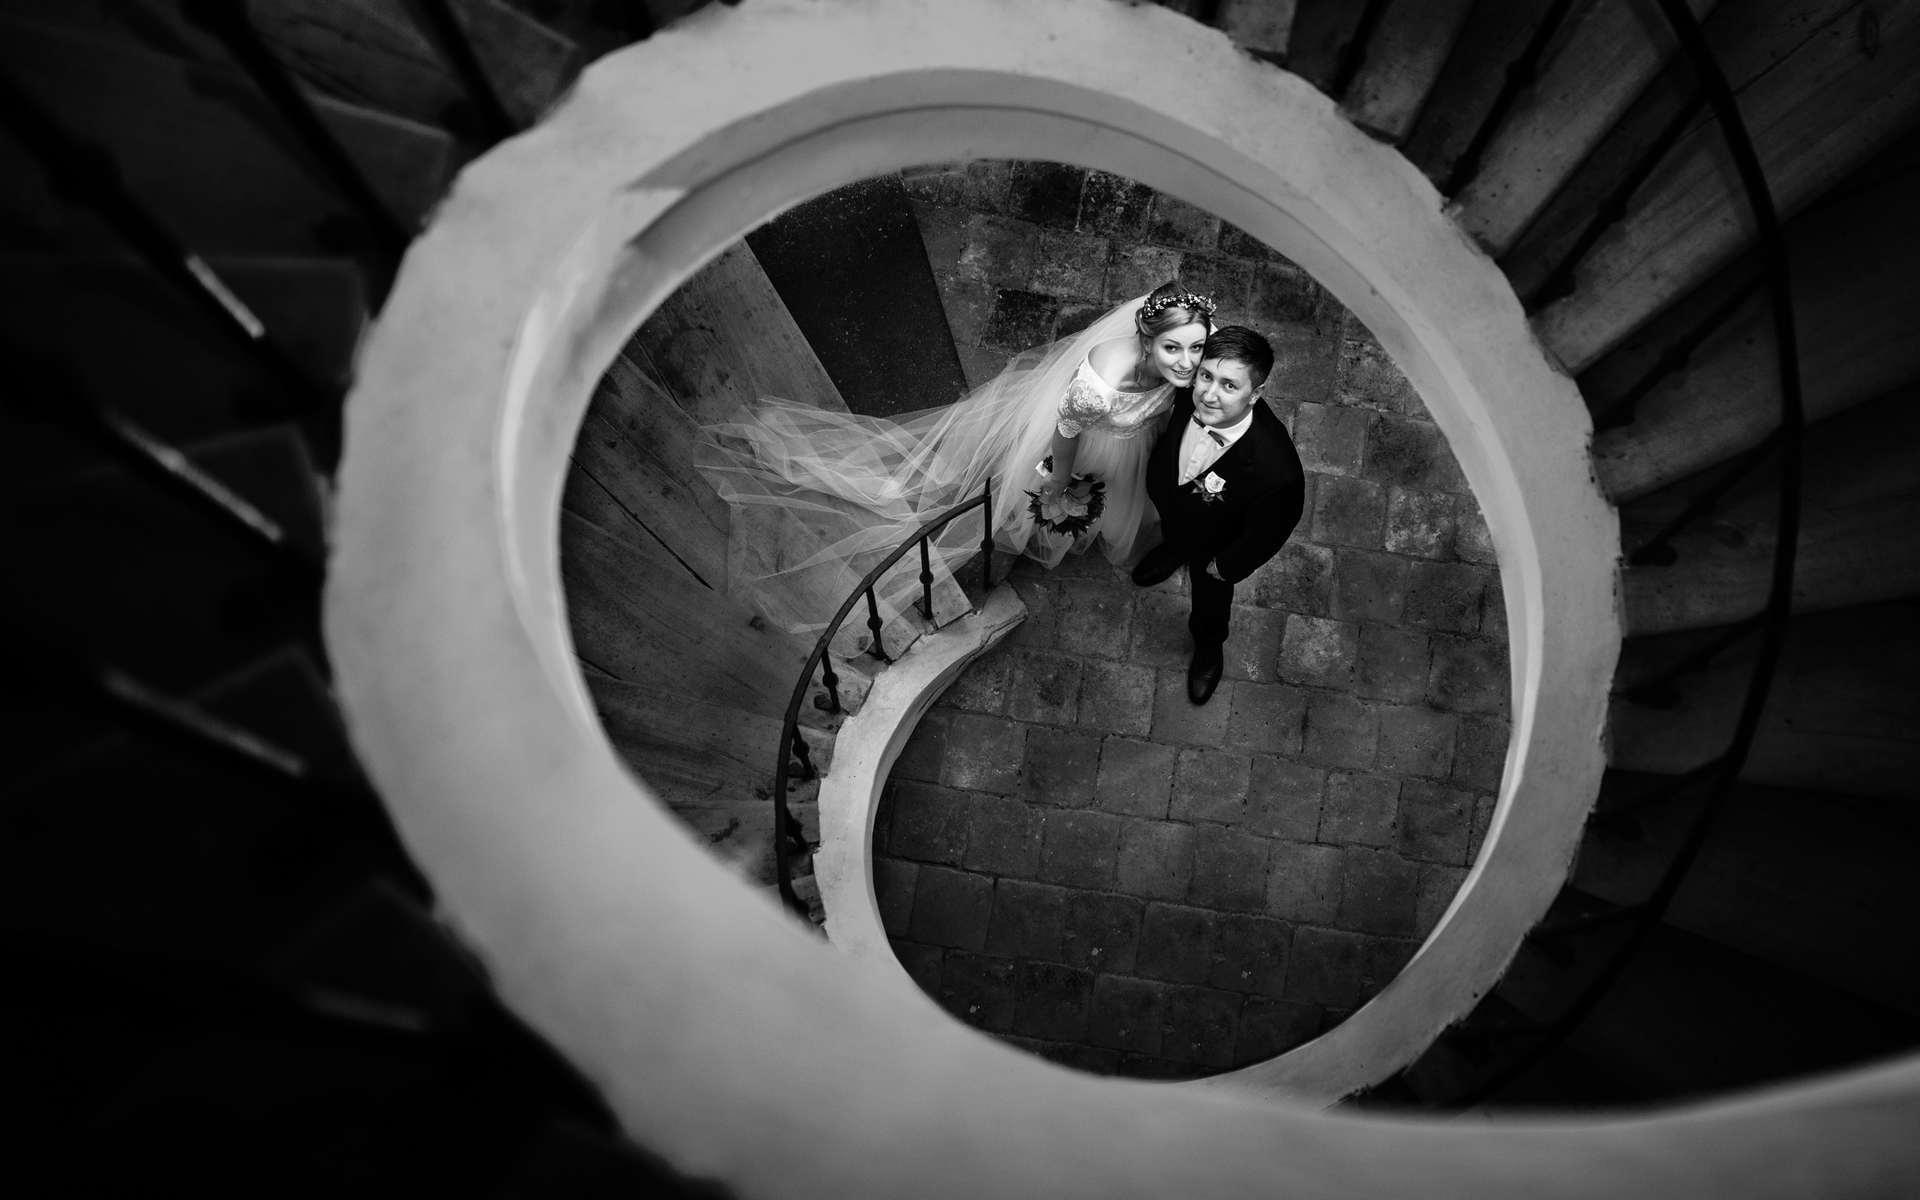 Novomanželé po točivými schody v kostele.